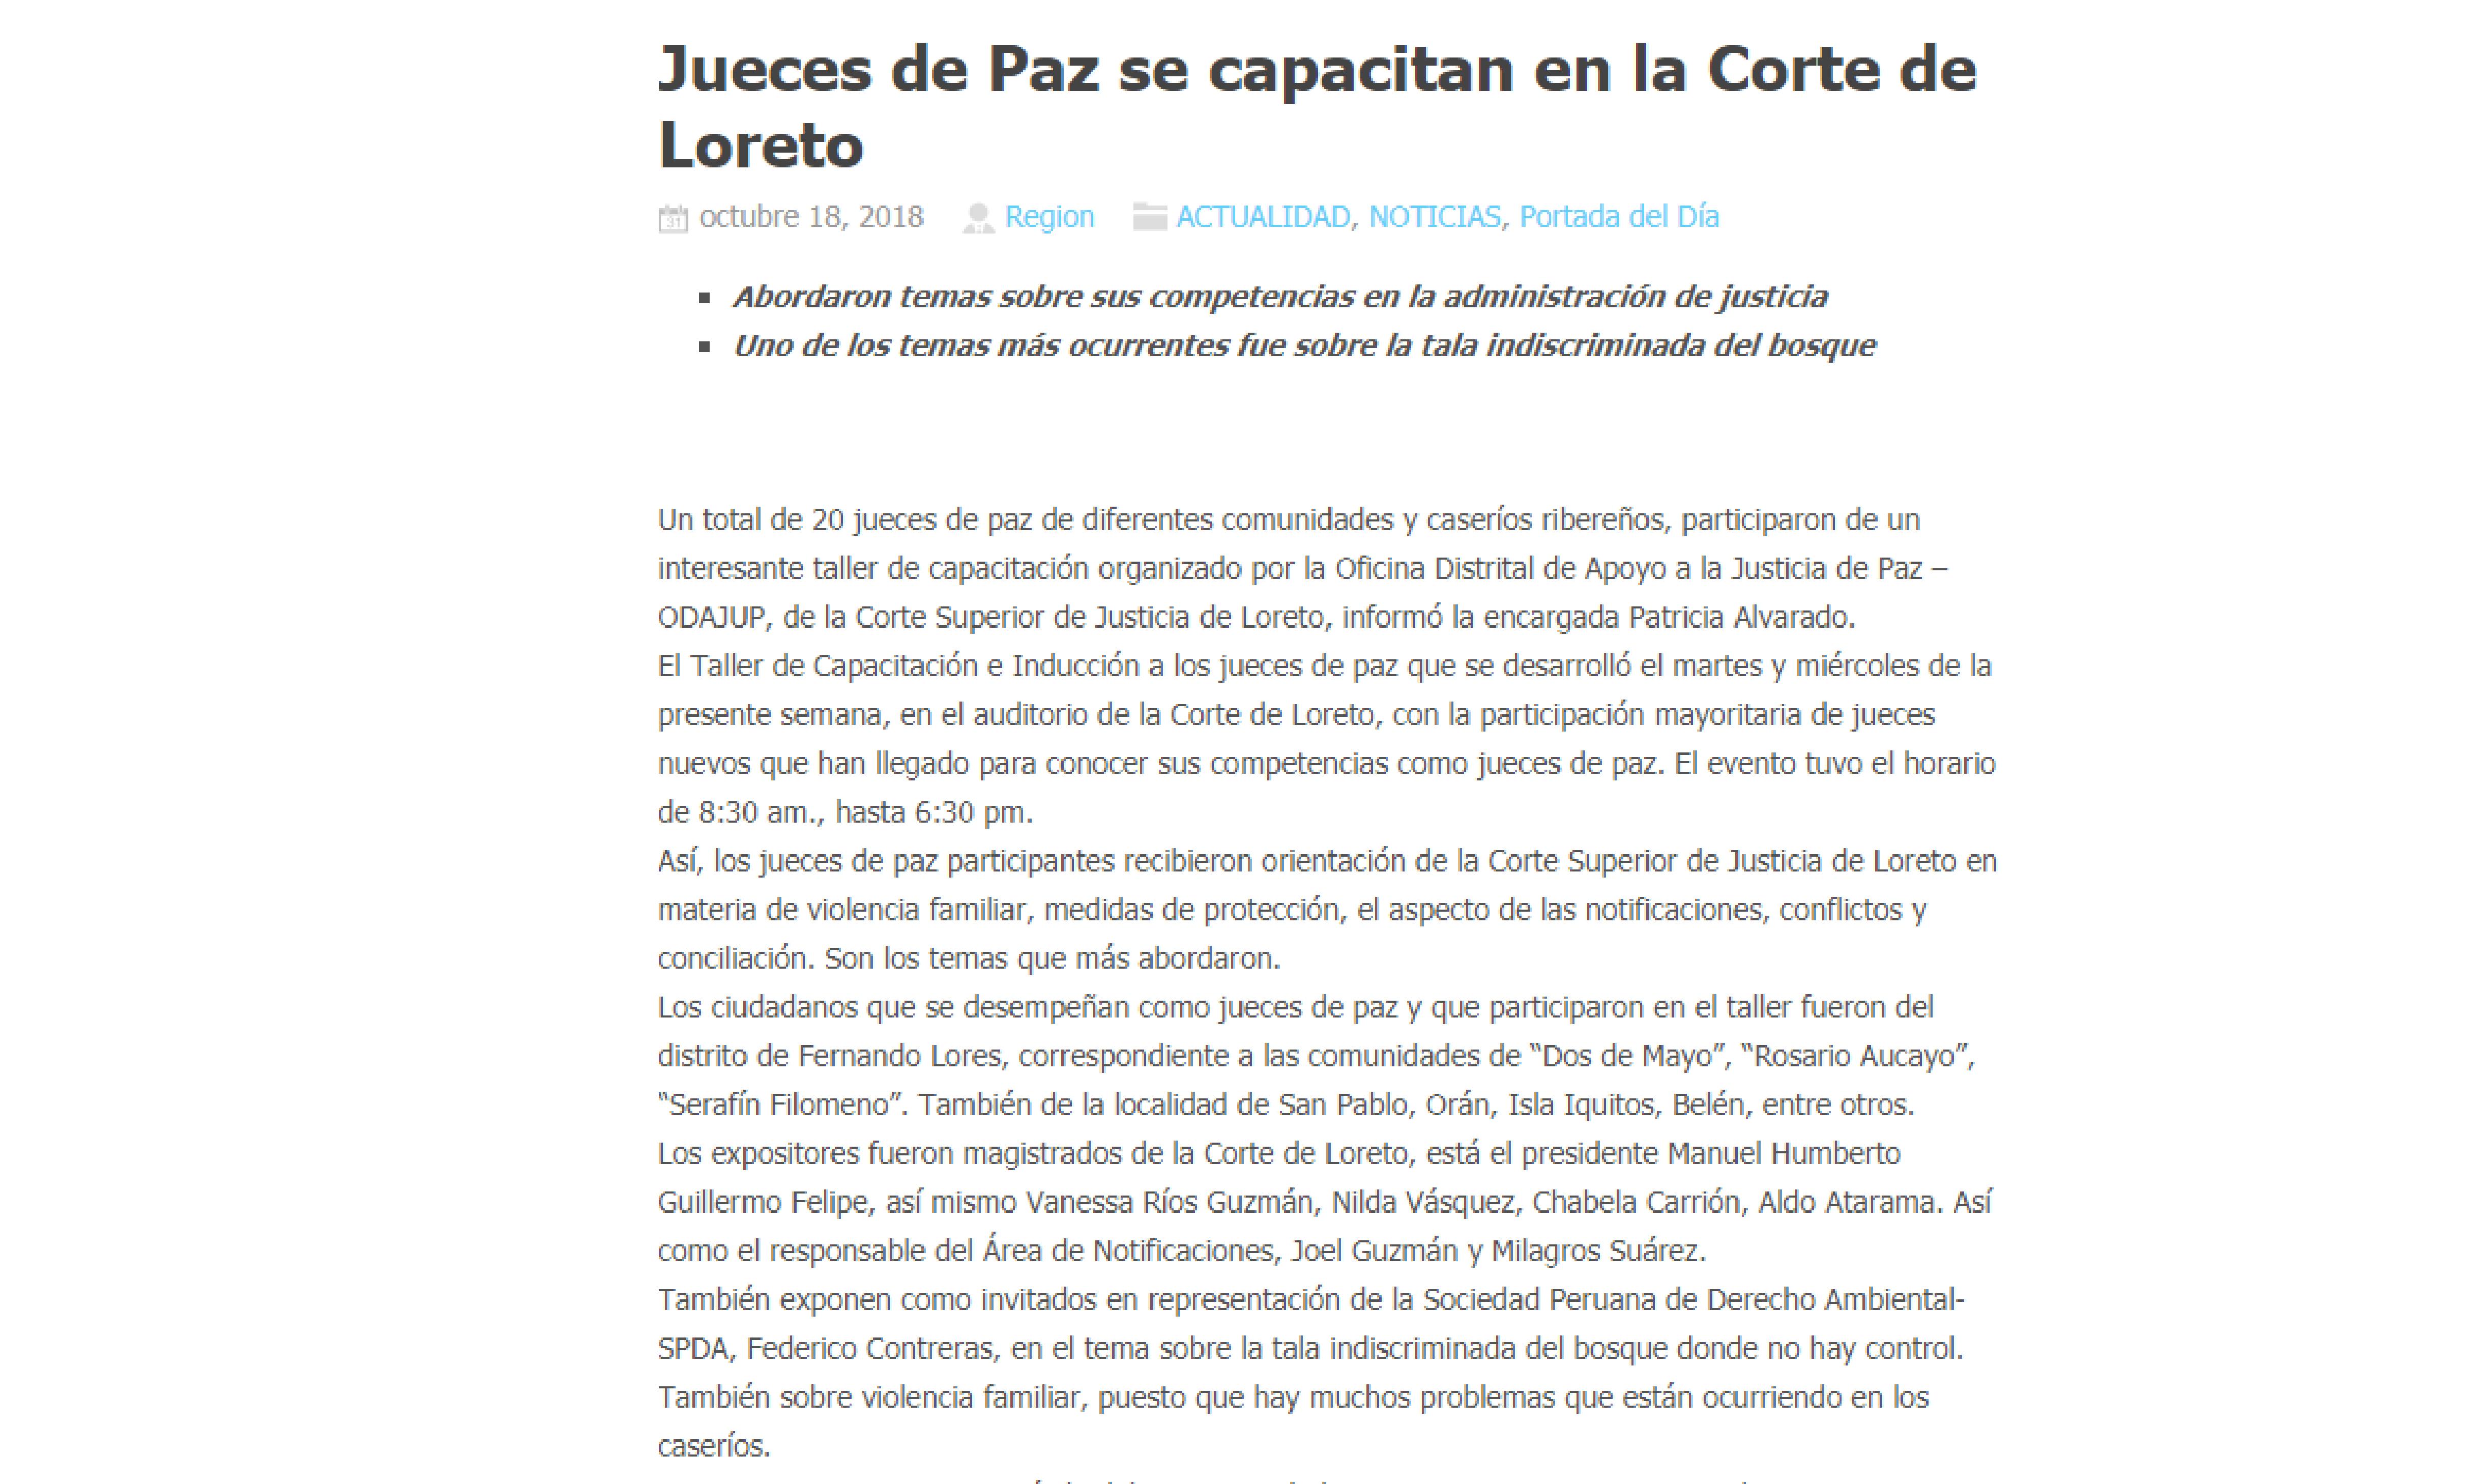 La Región: Jueces de Paz se capacitan en la corte de Loreto